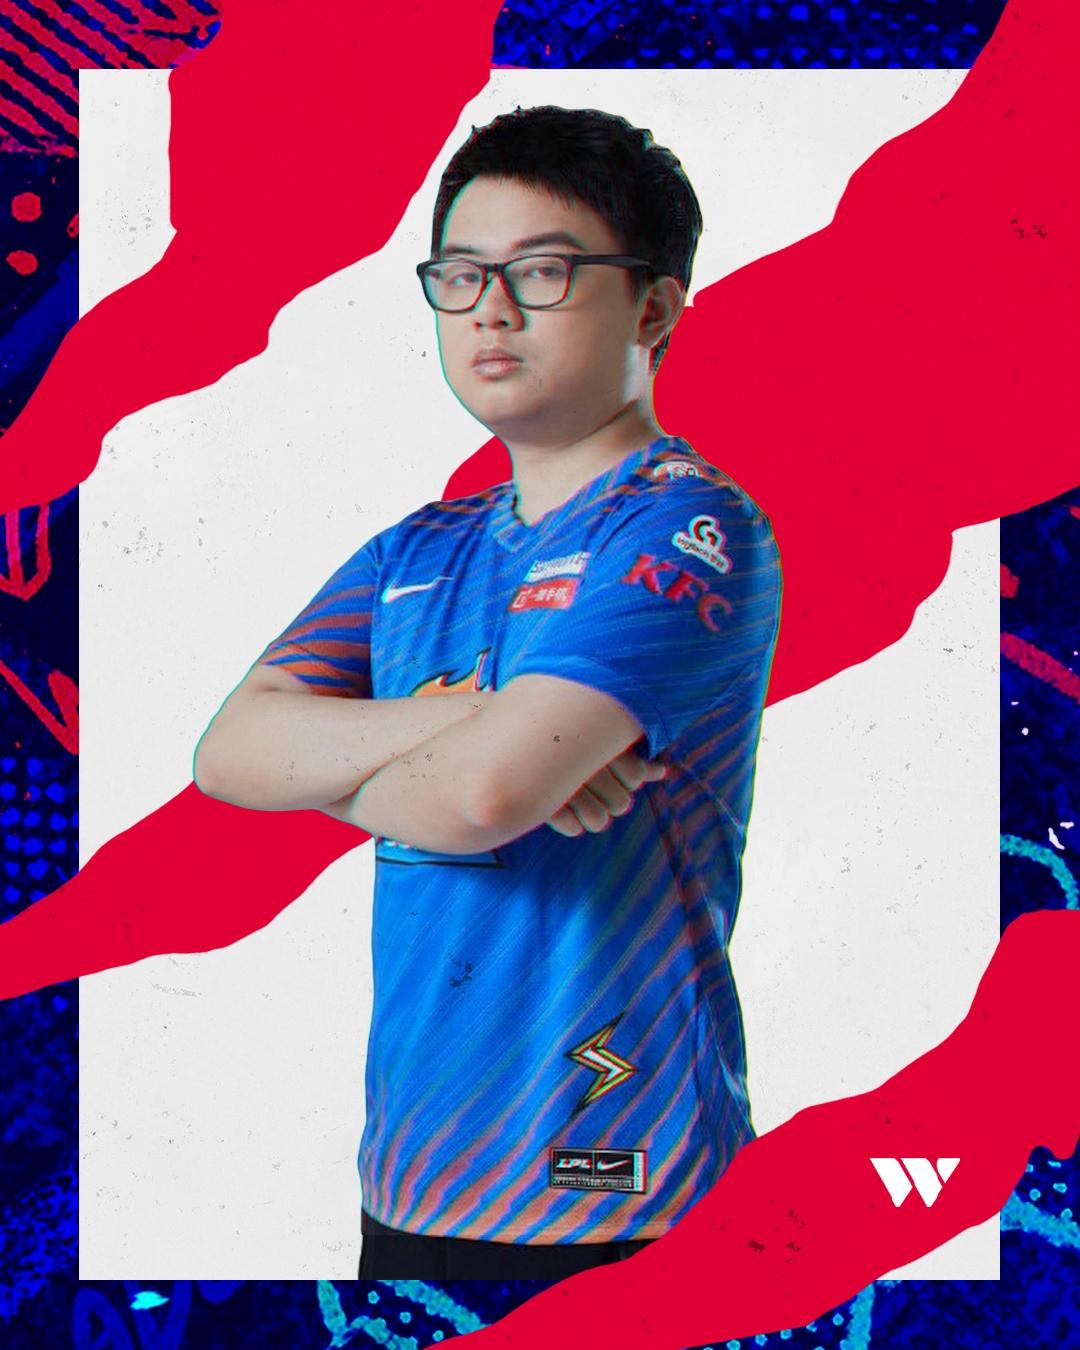 SofM: Vua trò chơi, niềm tự hào, ngôi sao rực rỡ nhất của nền eSports Việt - Ảnh 15.